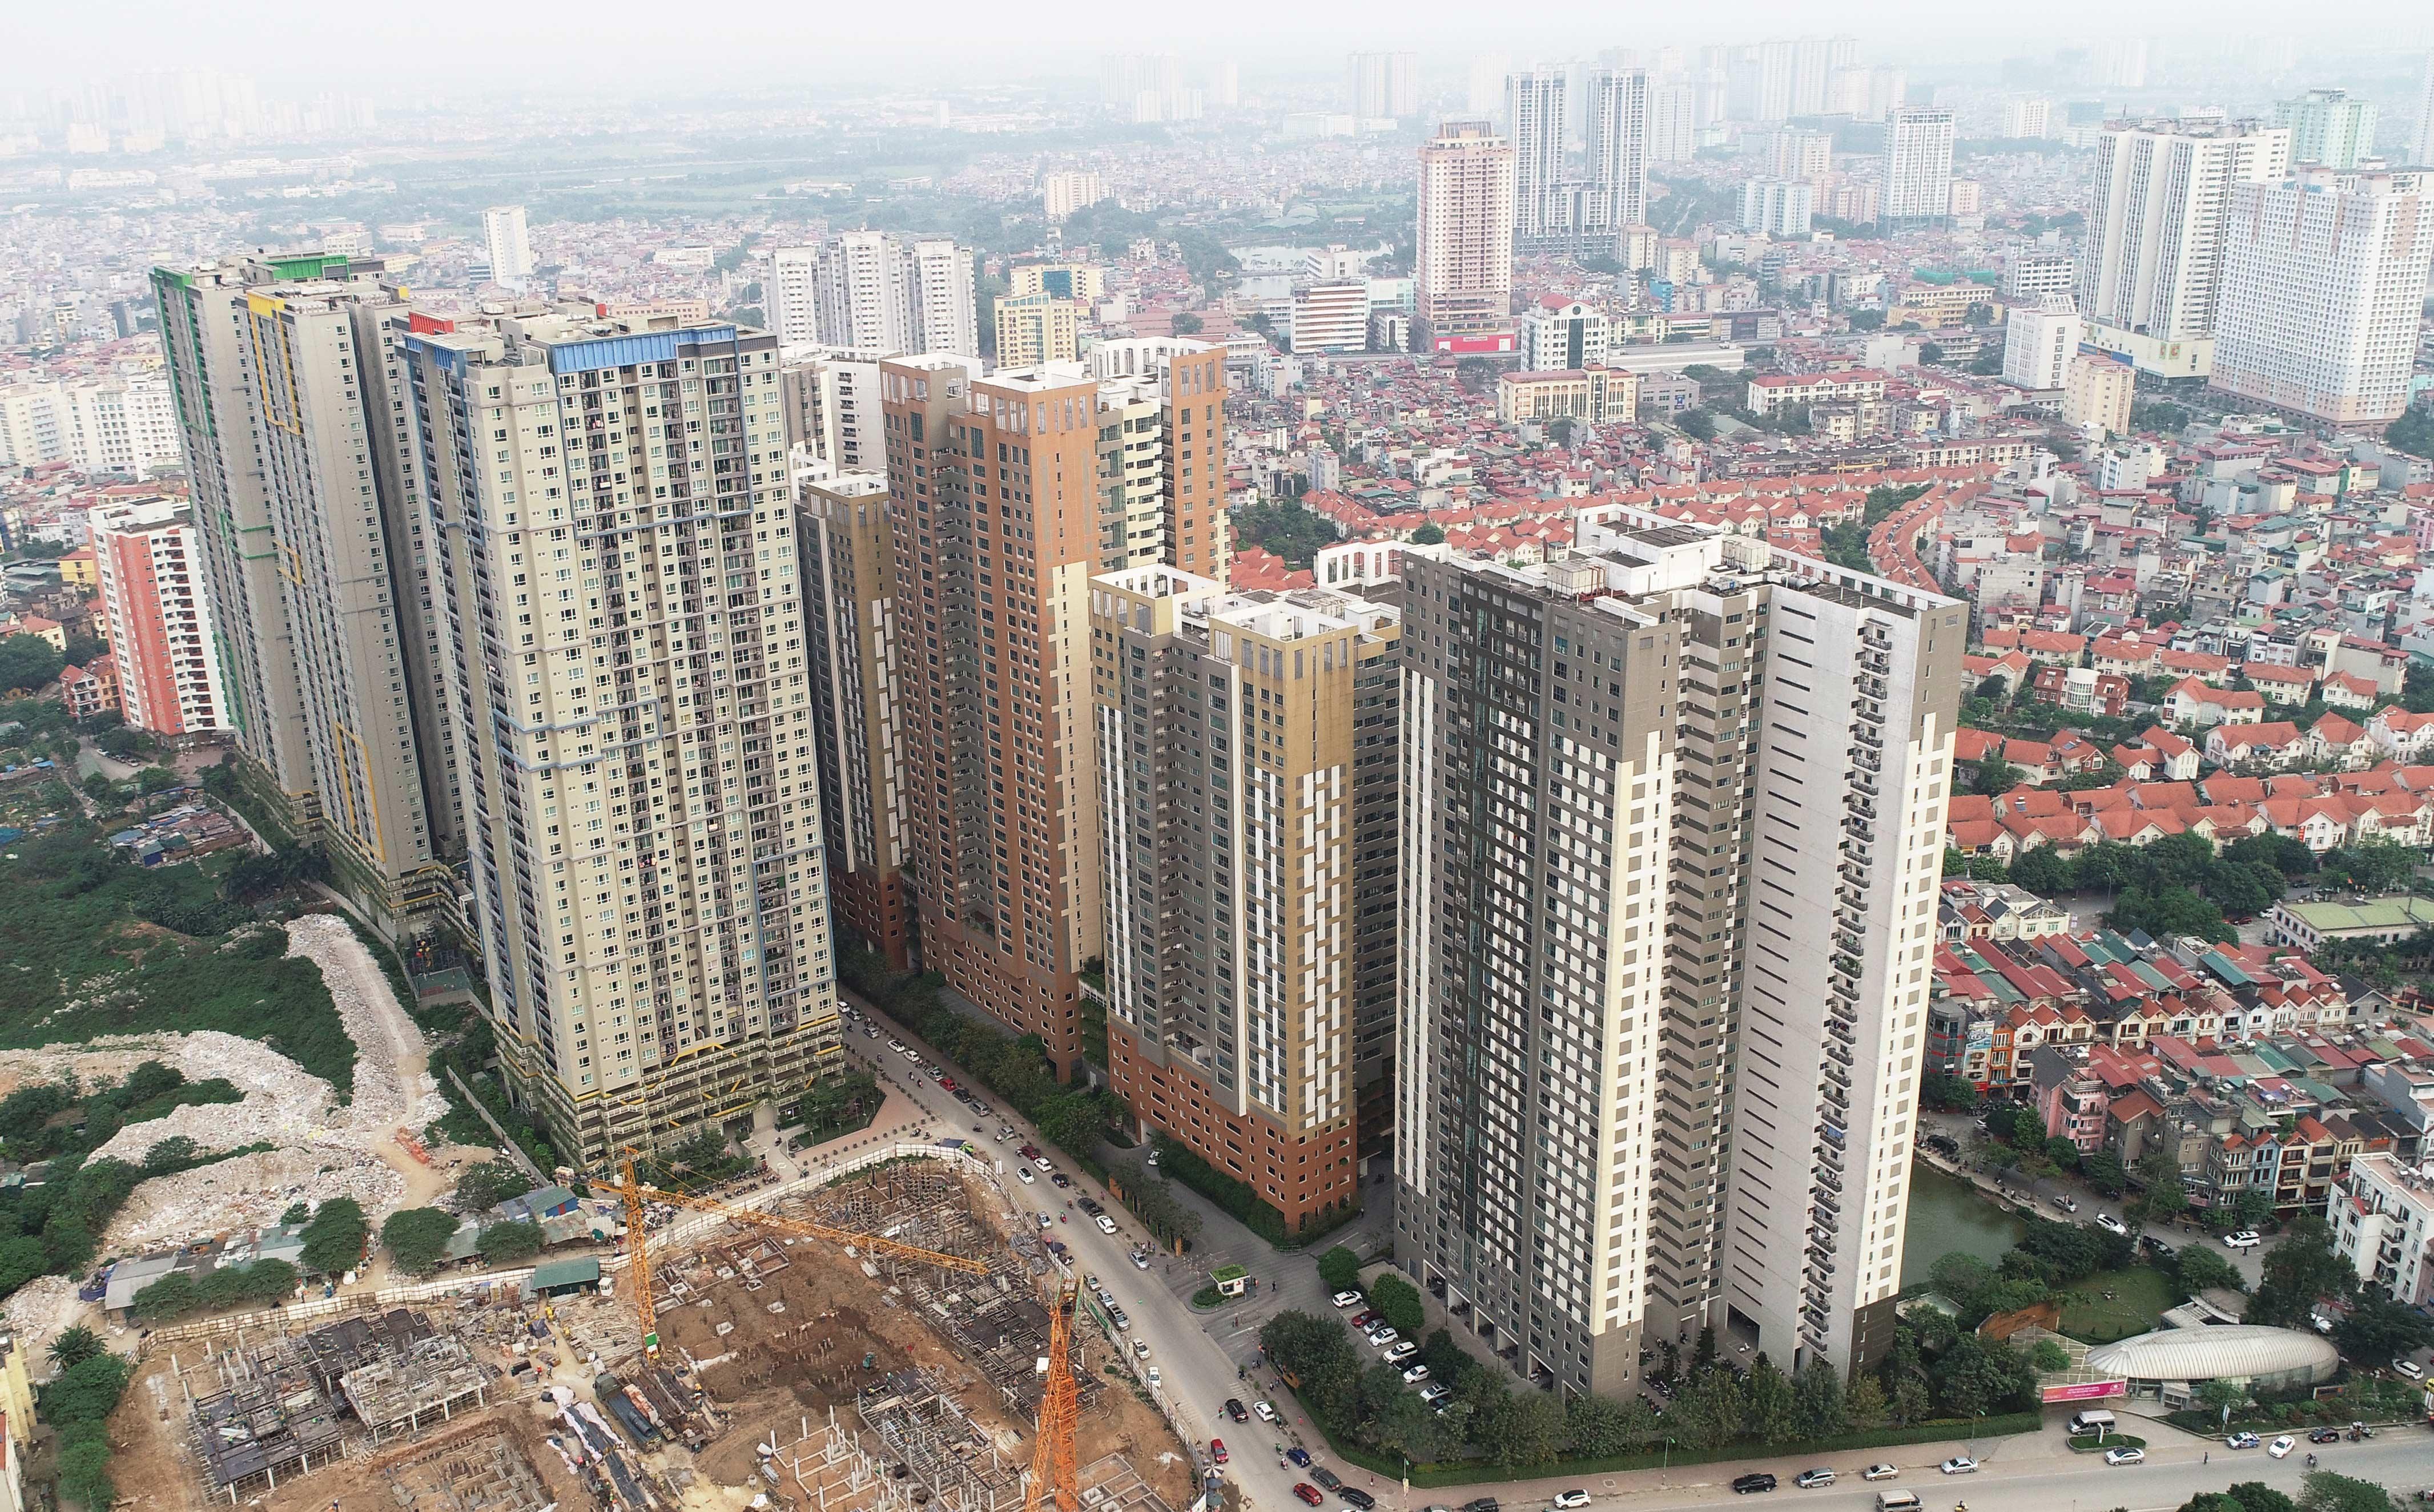 BĐS tuần qua: Chủ đầu tư Cocobay Đà Nẵng ra 'tối hậu thư', Hà Nội và TP HCM điều chỉnh bảng giá đất